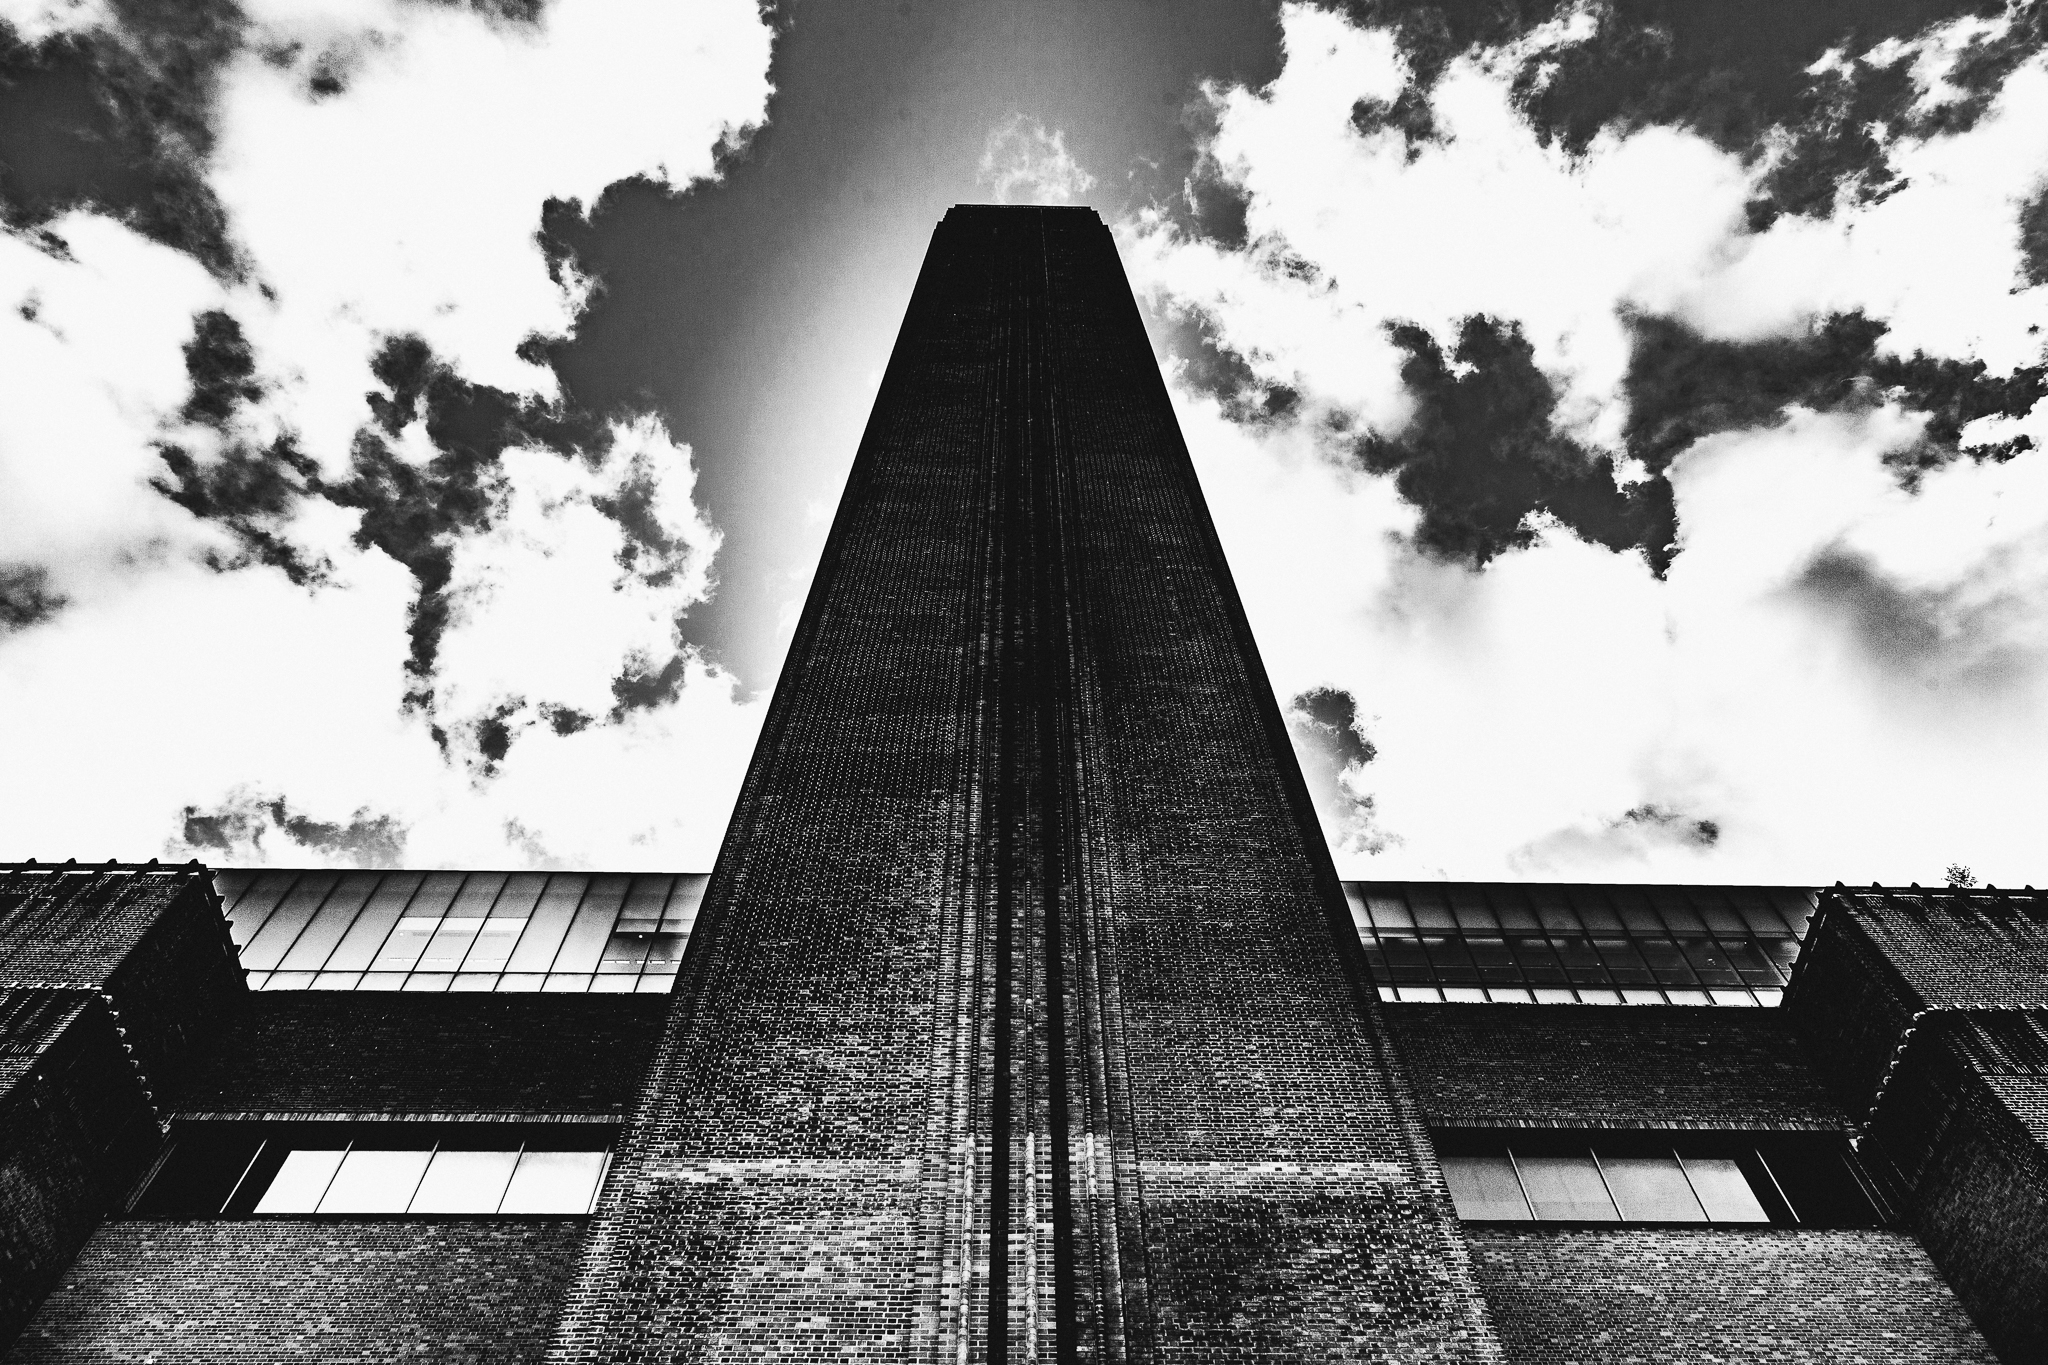 tate - art, architecture, contrast - deanmcleod | ello